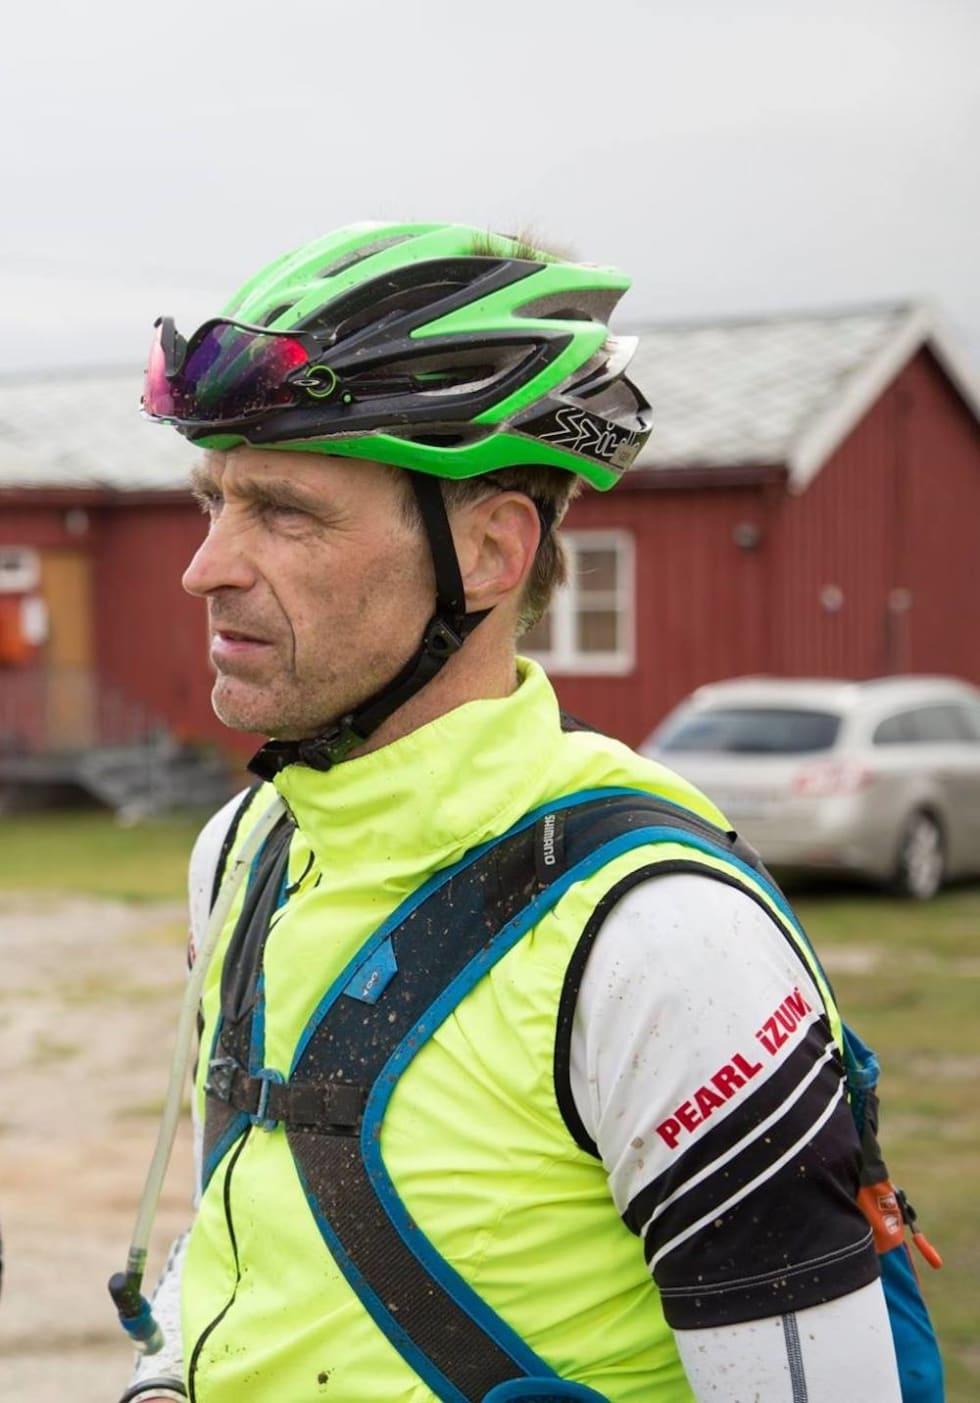 Geir Lien må finne seg i favorittstempelet i OF700 solo. Foto: Claus Jørstad